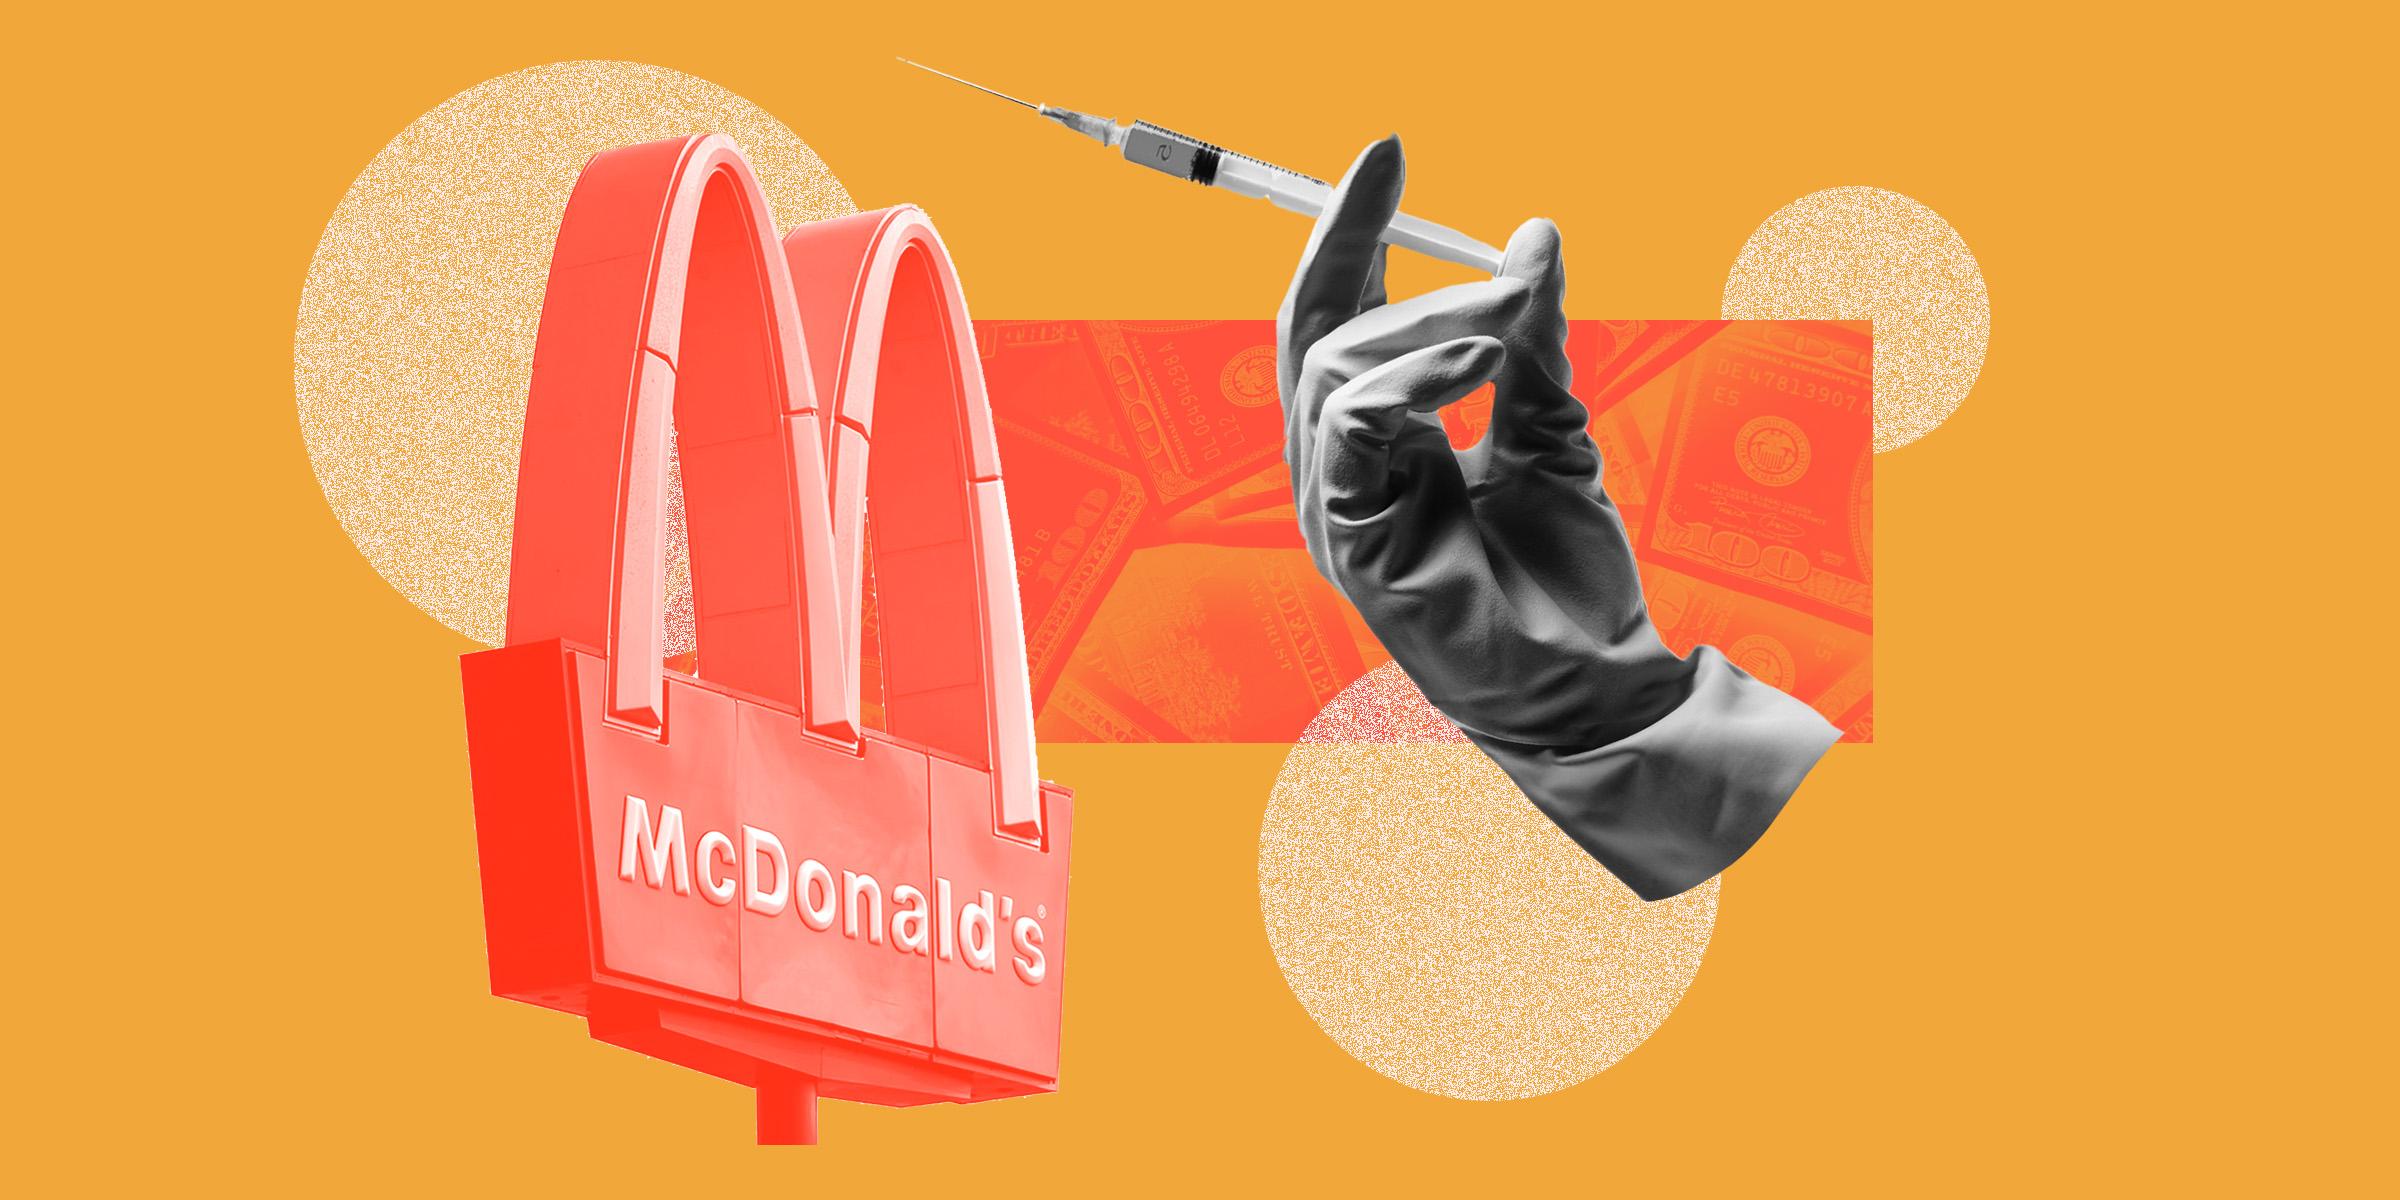 Во Флориде McDonald's платит 50 долларов за собеседование. И вот почему